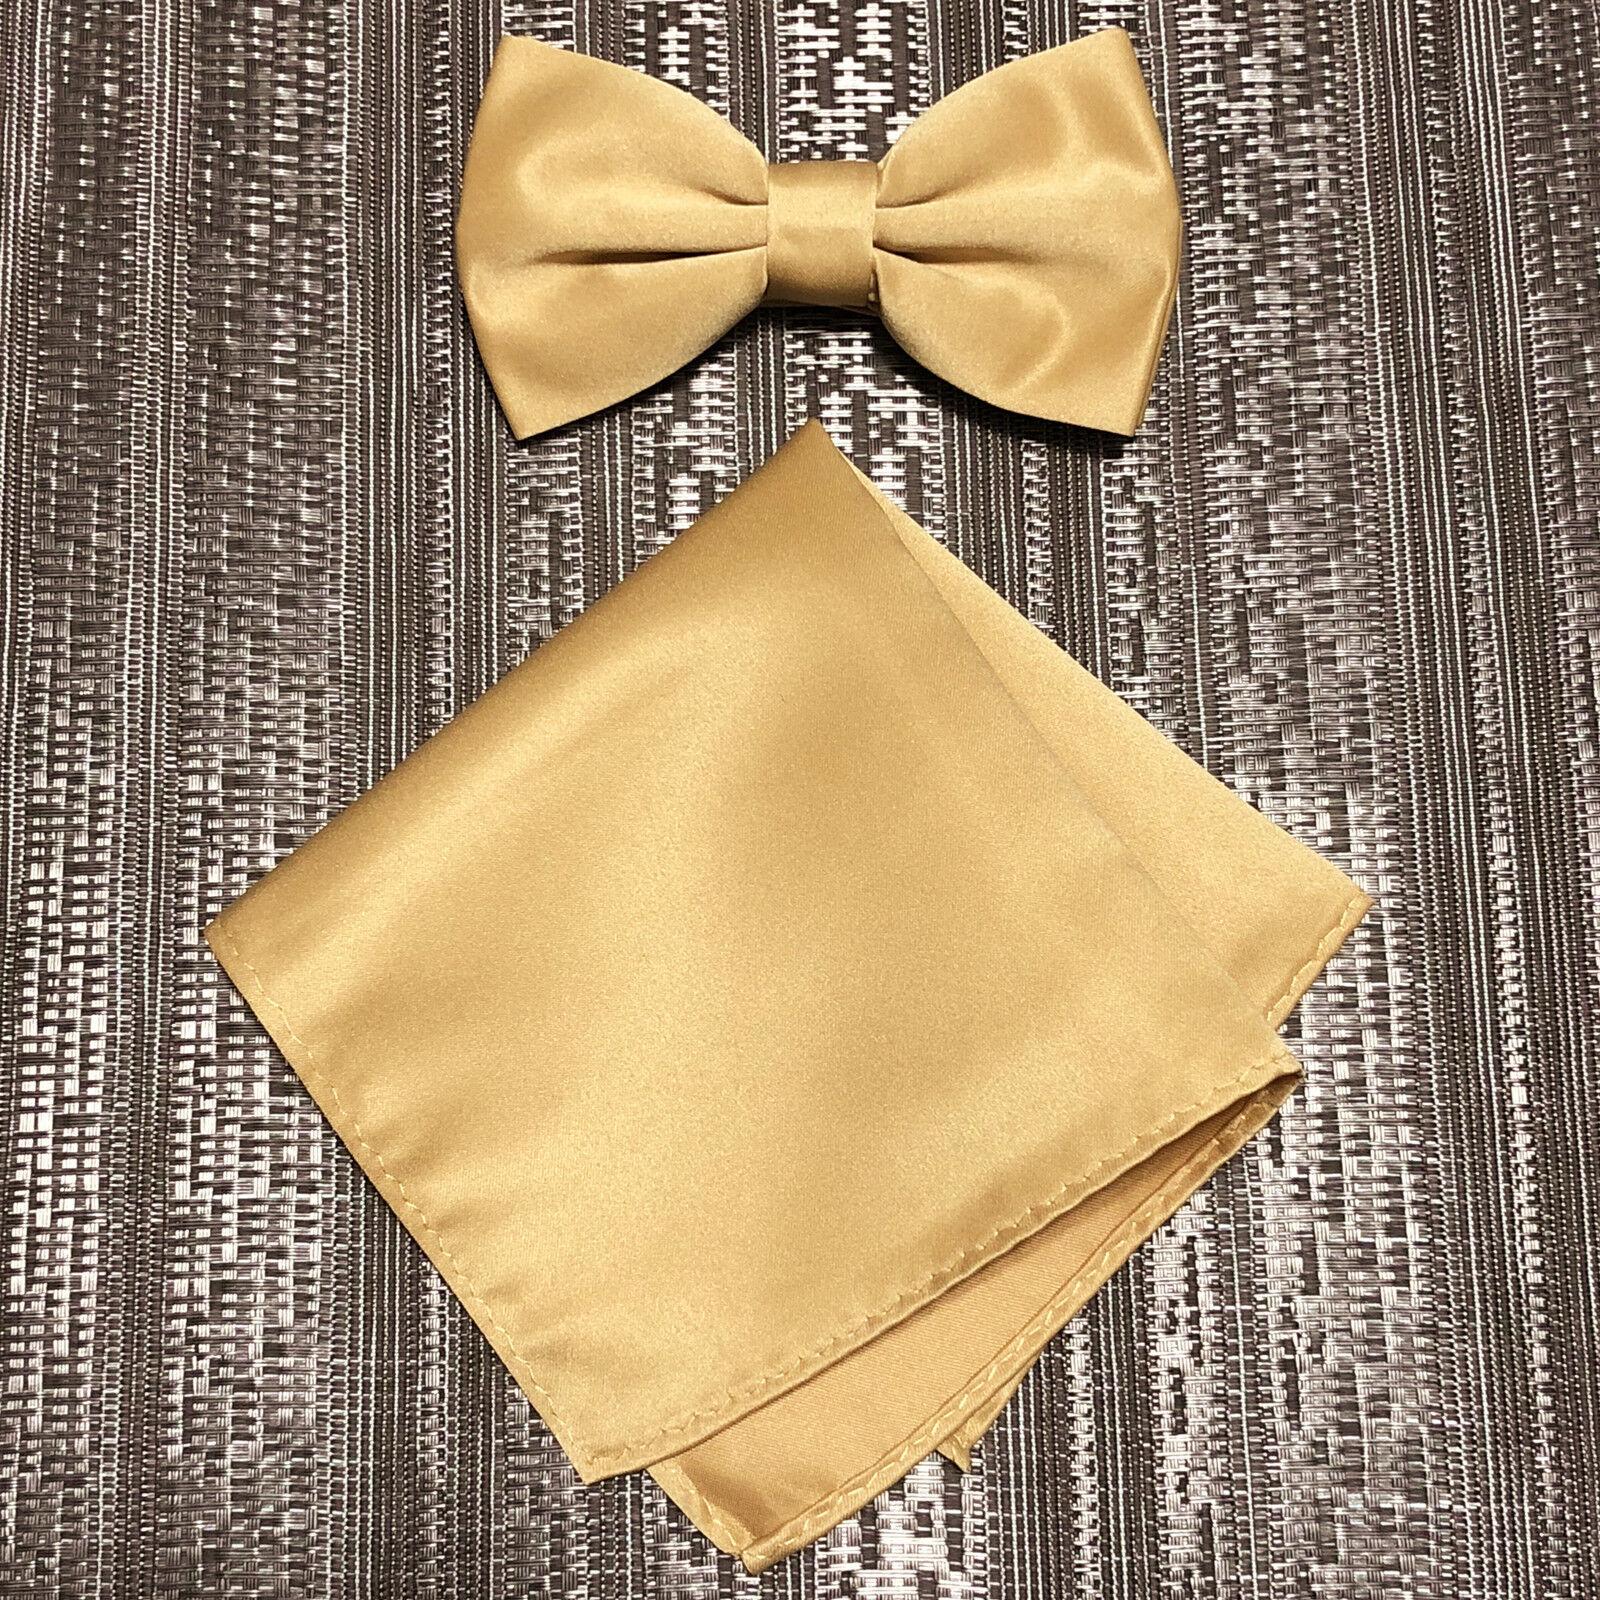 Hellbraun Gold Massiv Herren Schmetterling Stil Gebundene Fliege & Einstecktuch